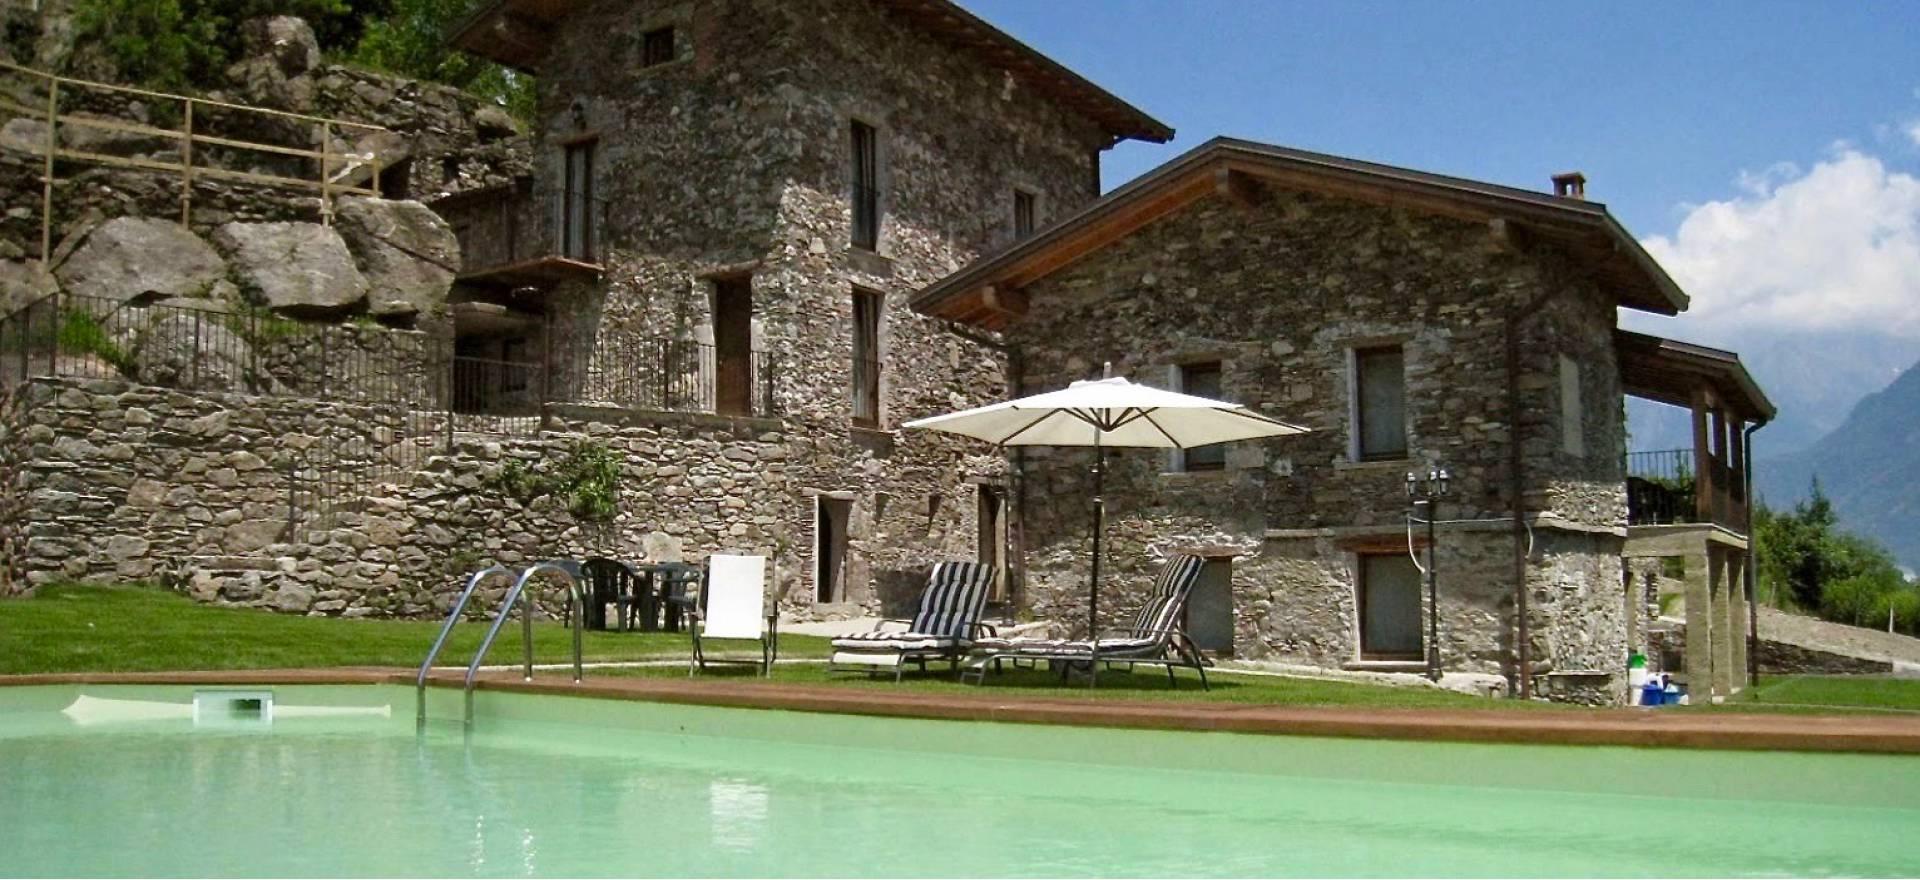 Agriturismo Lago di Como e lago di Garda Caratteristico agriturismo nei pressi del lago di Como